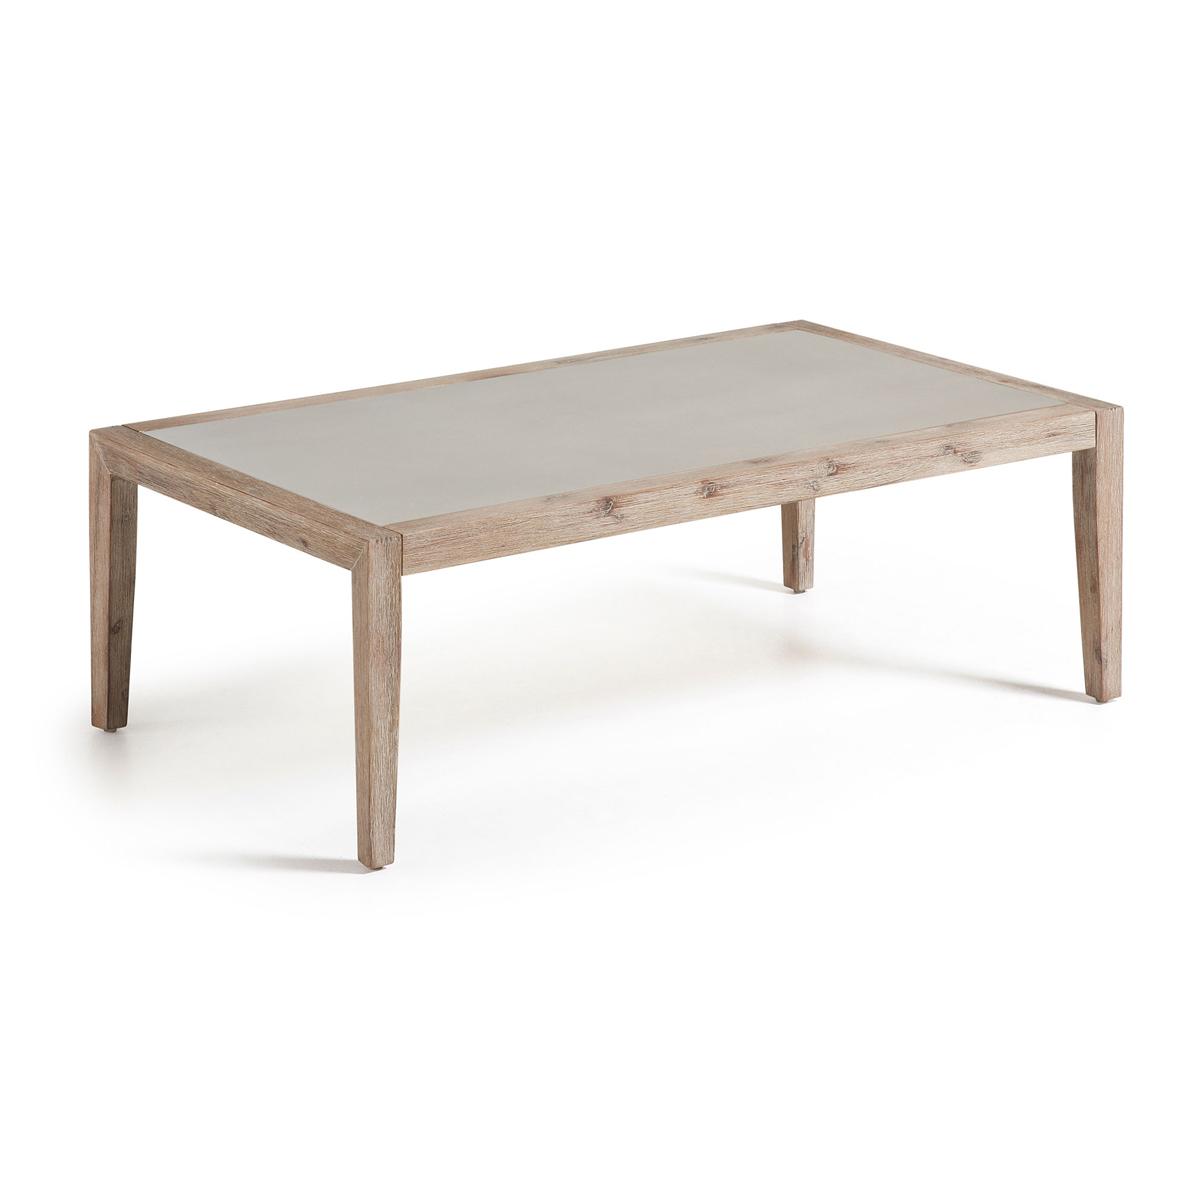 Table basse avec plateau en poly-ciment - Bois - H 40 x 120 cm